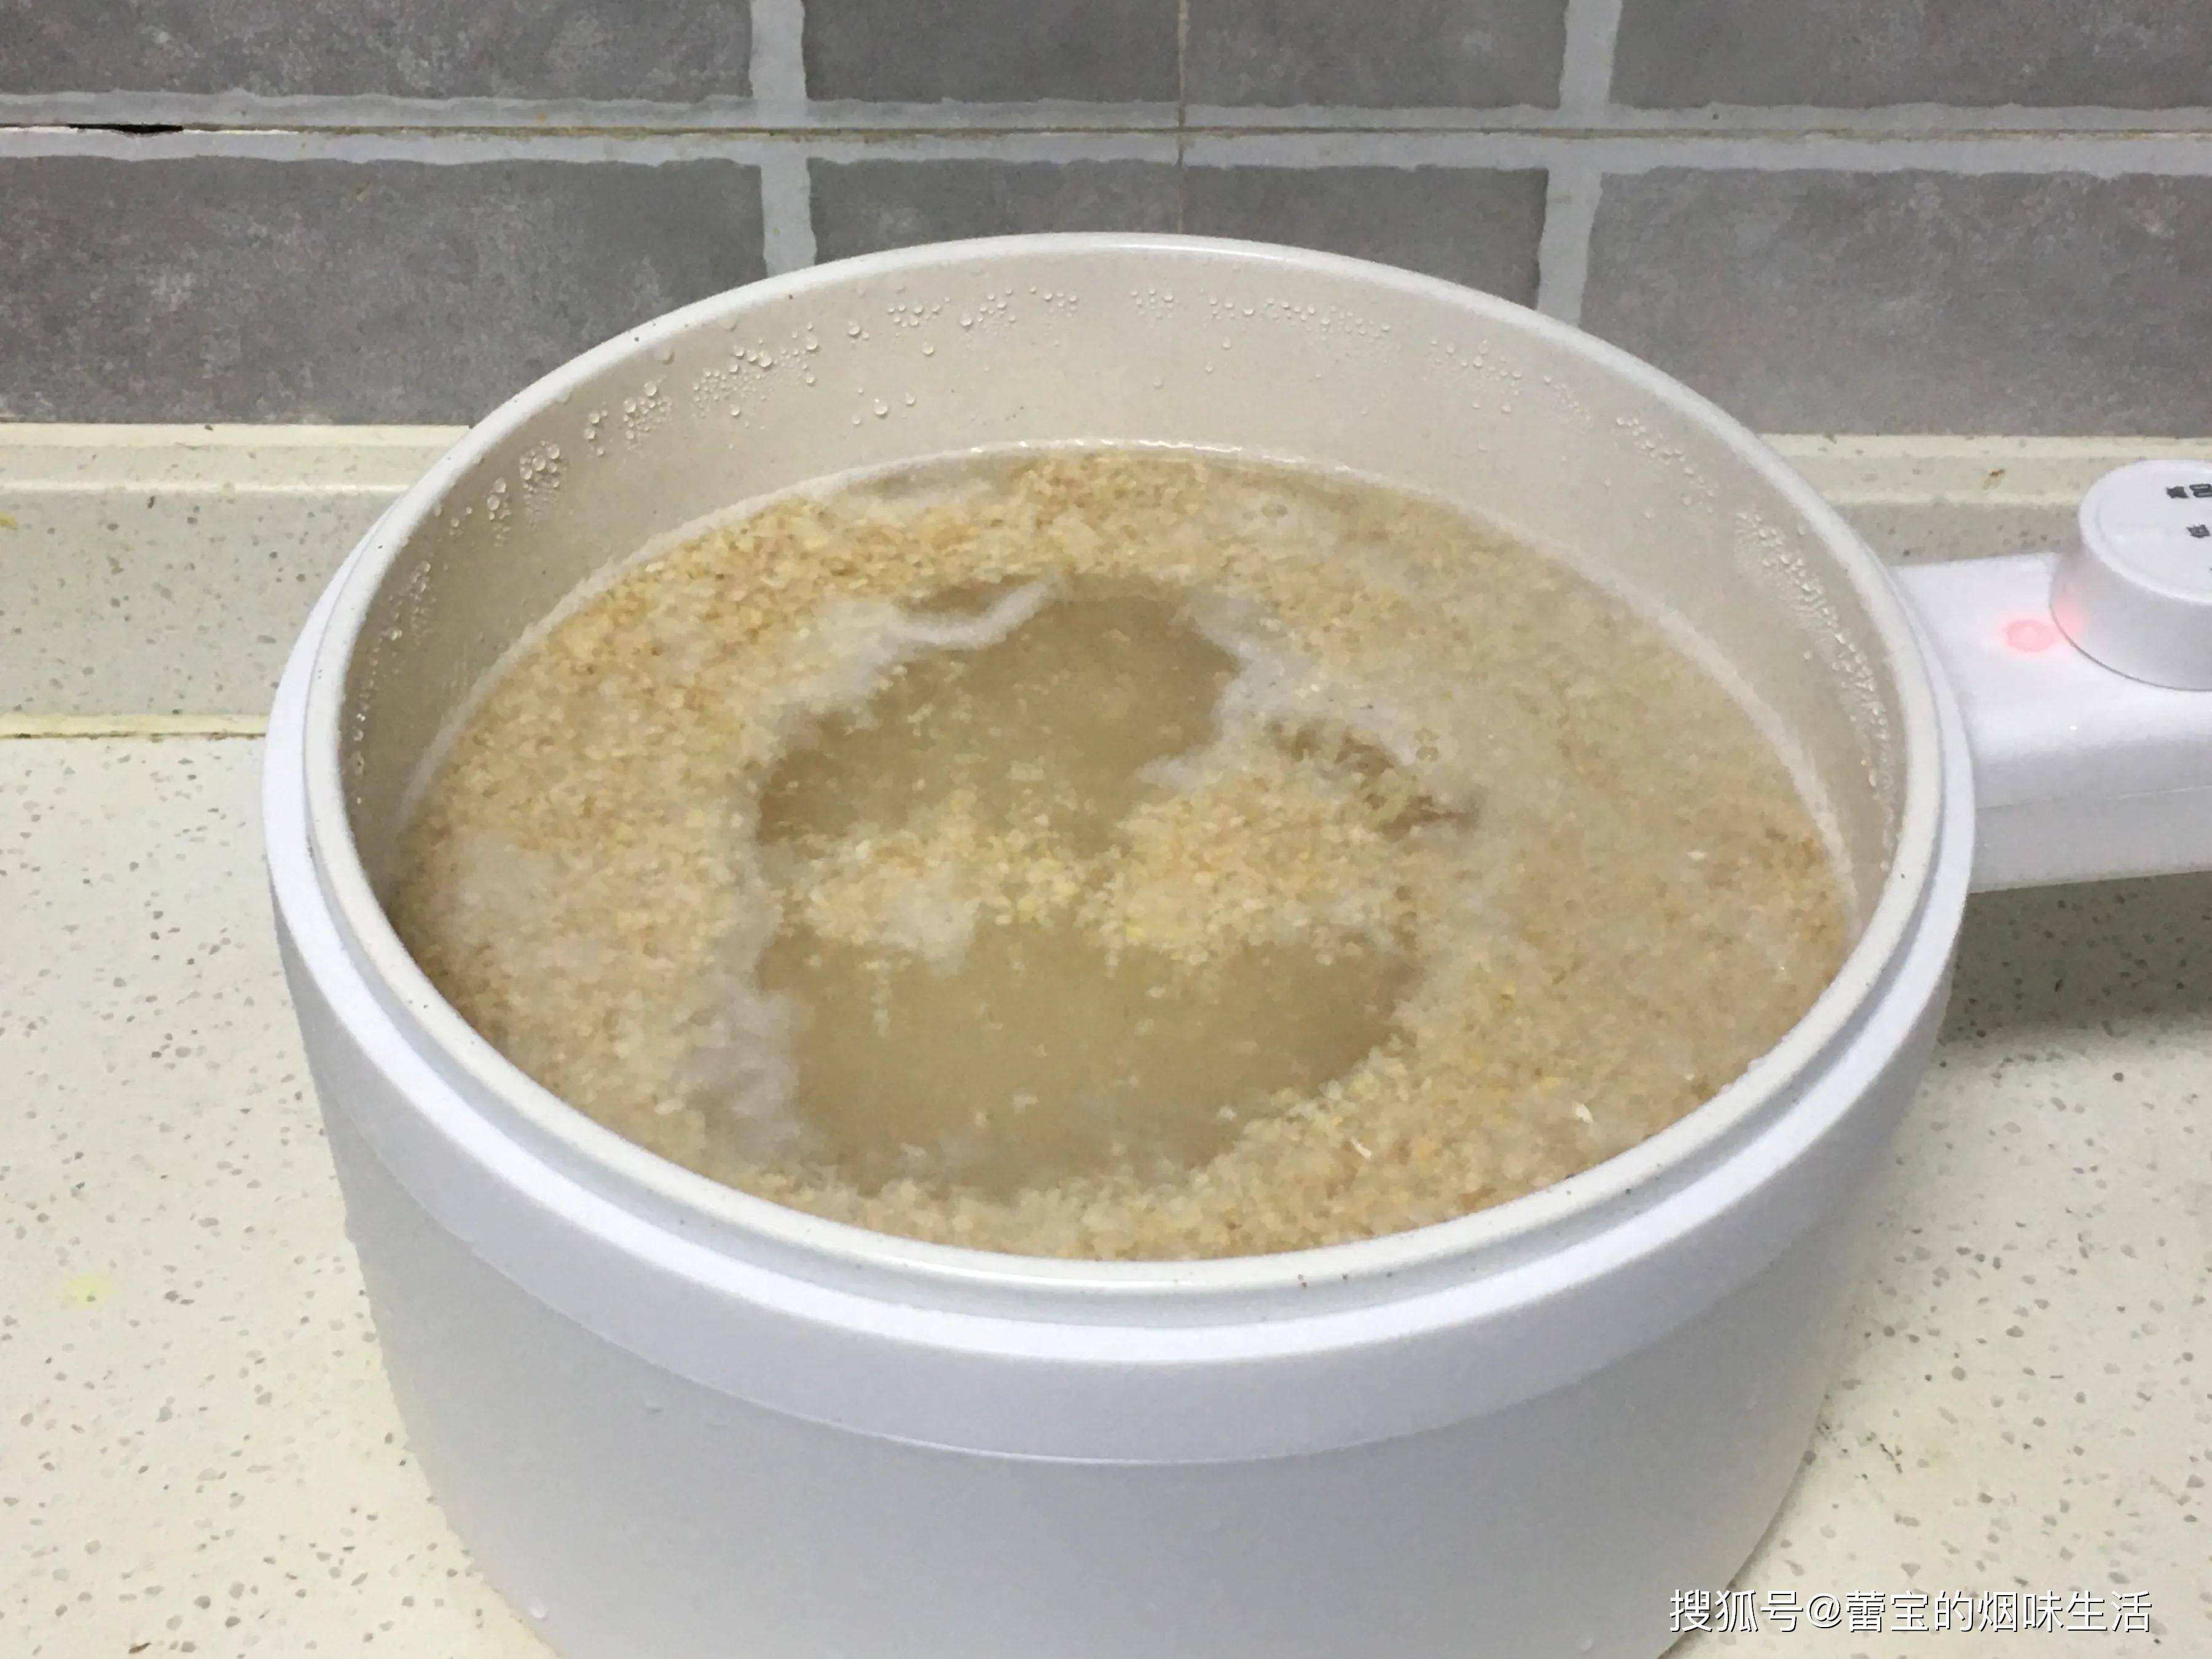 专为瘦身打造的主食,不用面粉,低脂饱腹又营养,10分钟就完成  十大低糖主食排行榜